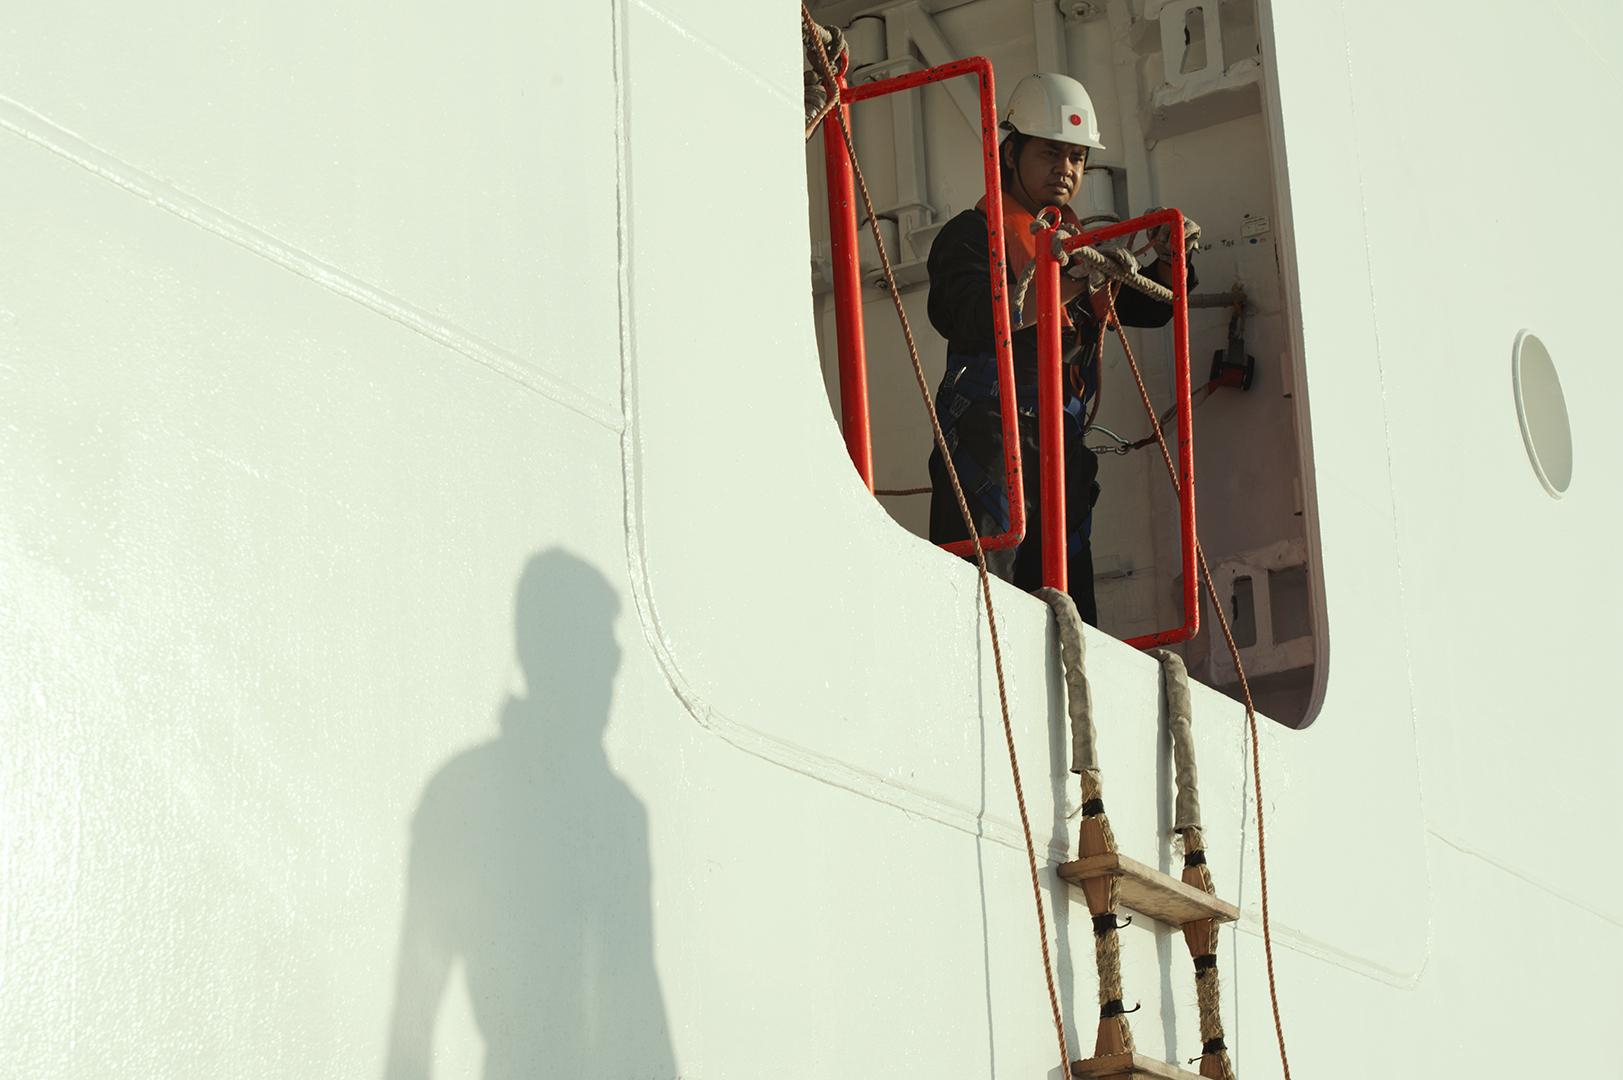 I dipendenti a bordo delle navi sono per la maggior parte filippini, seguiti da indiani e indonesiani. Civitavecchia, 2014. (Patrizia Pace)